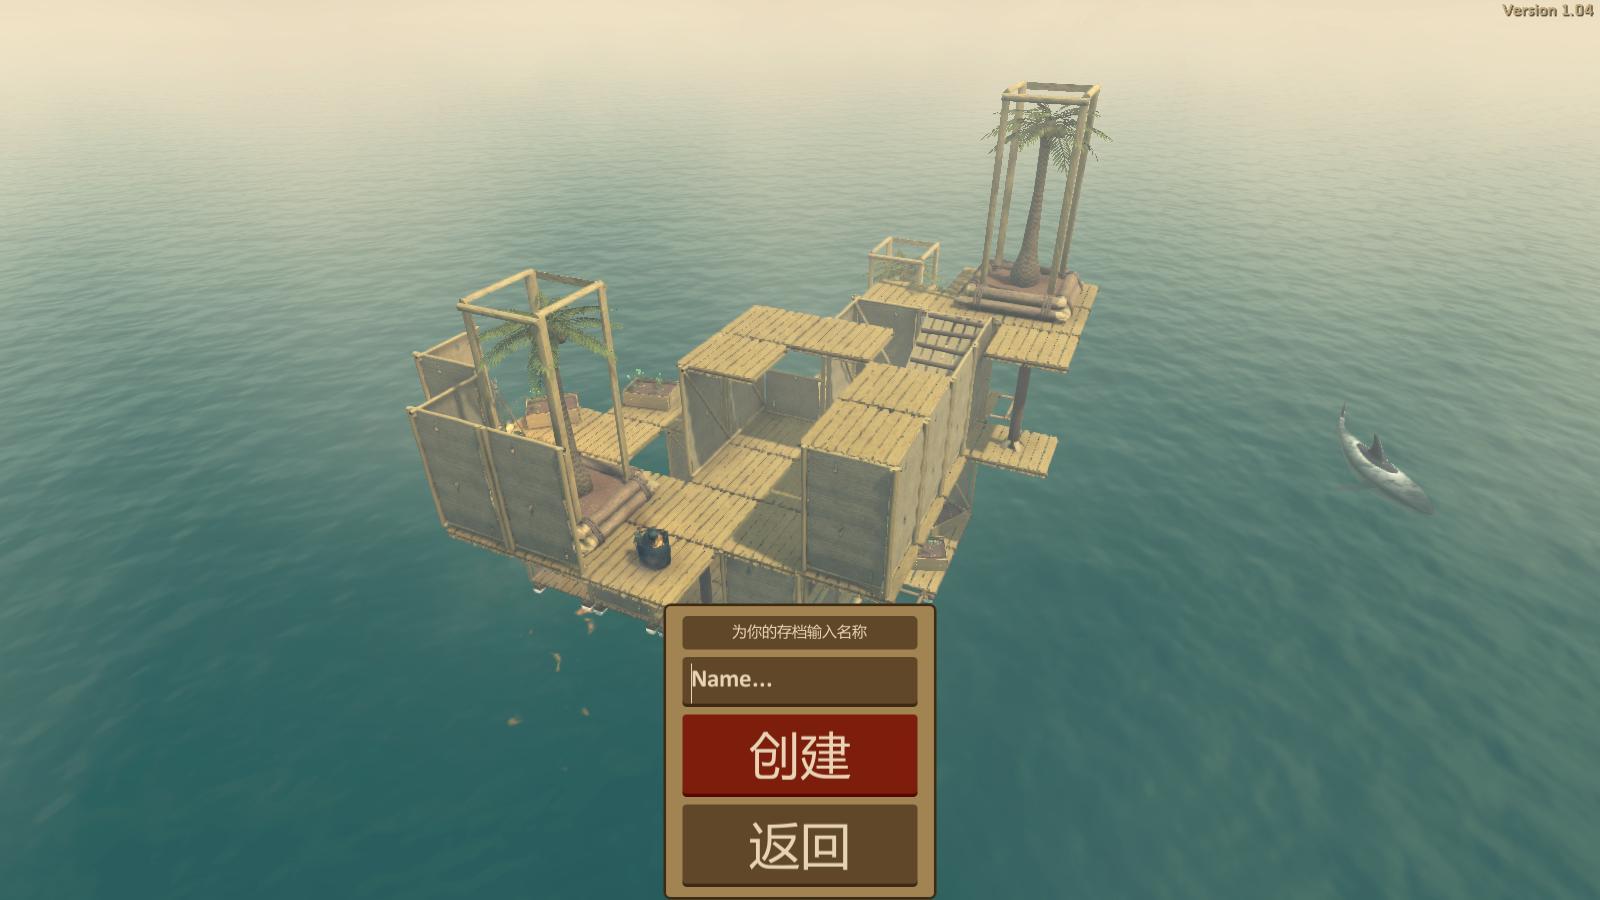 船长漂流记船长漂流记中文版下载攻略秘籍